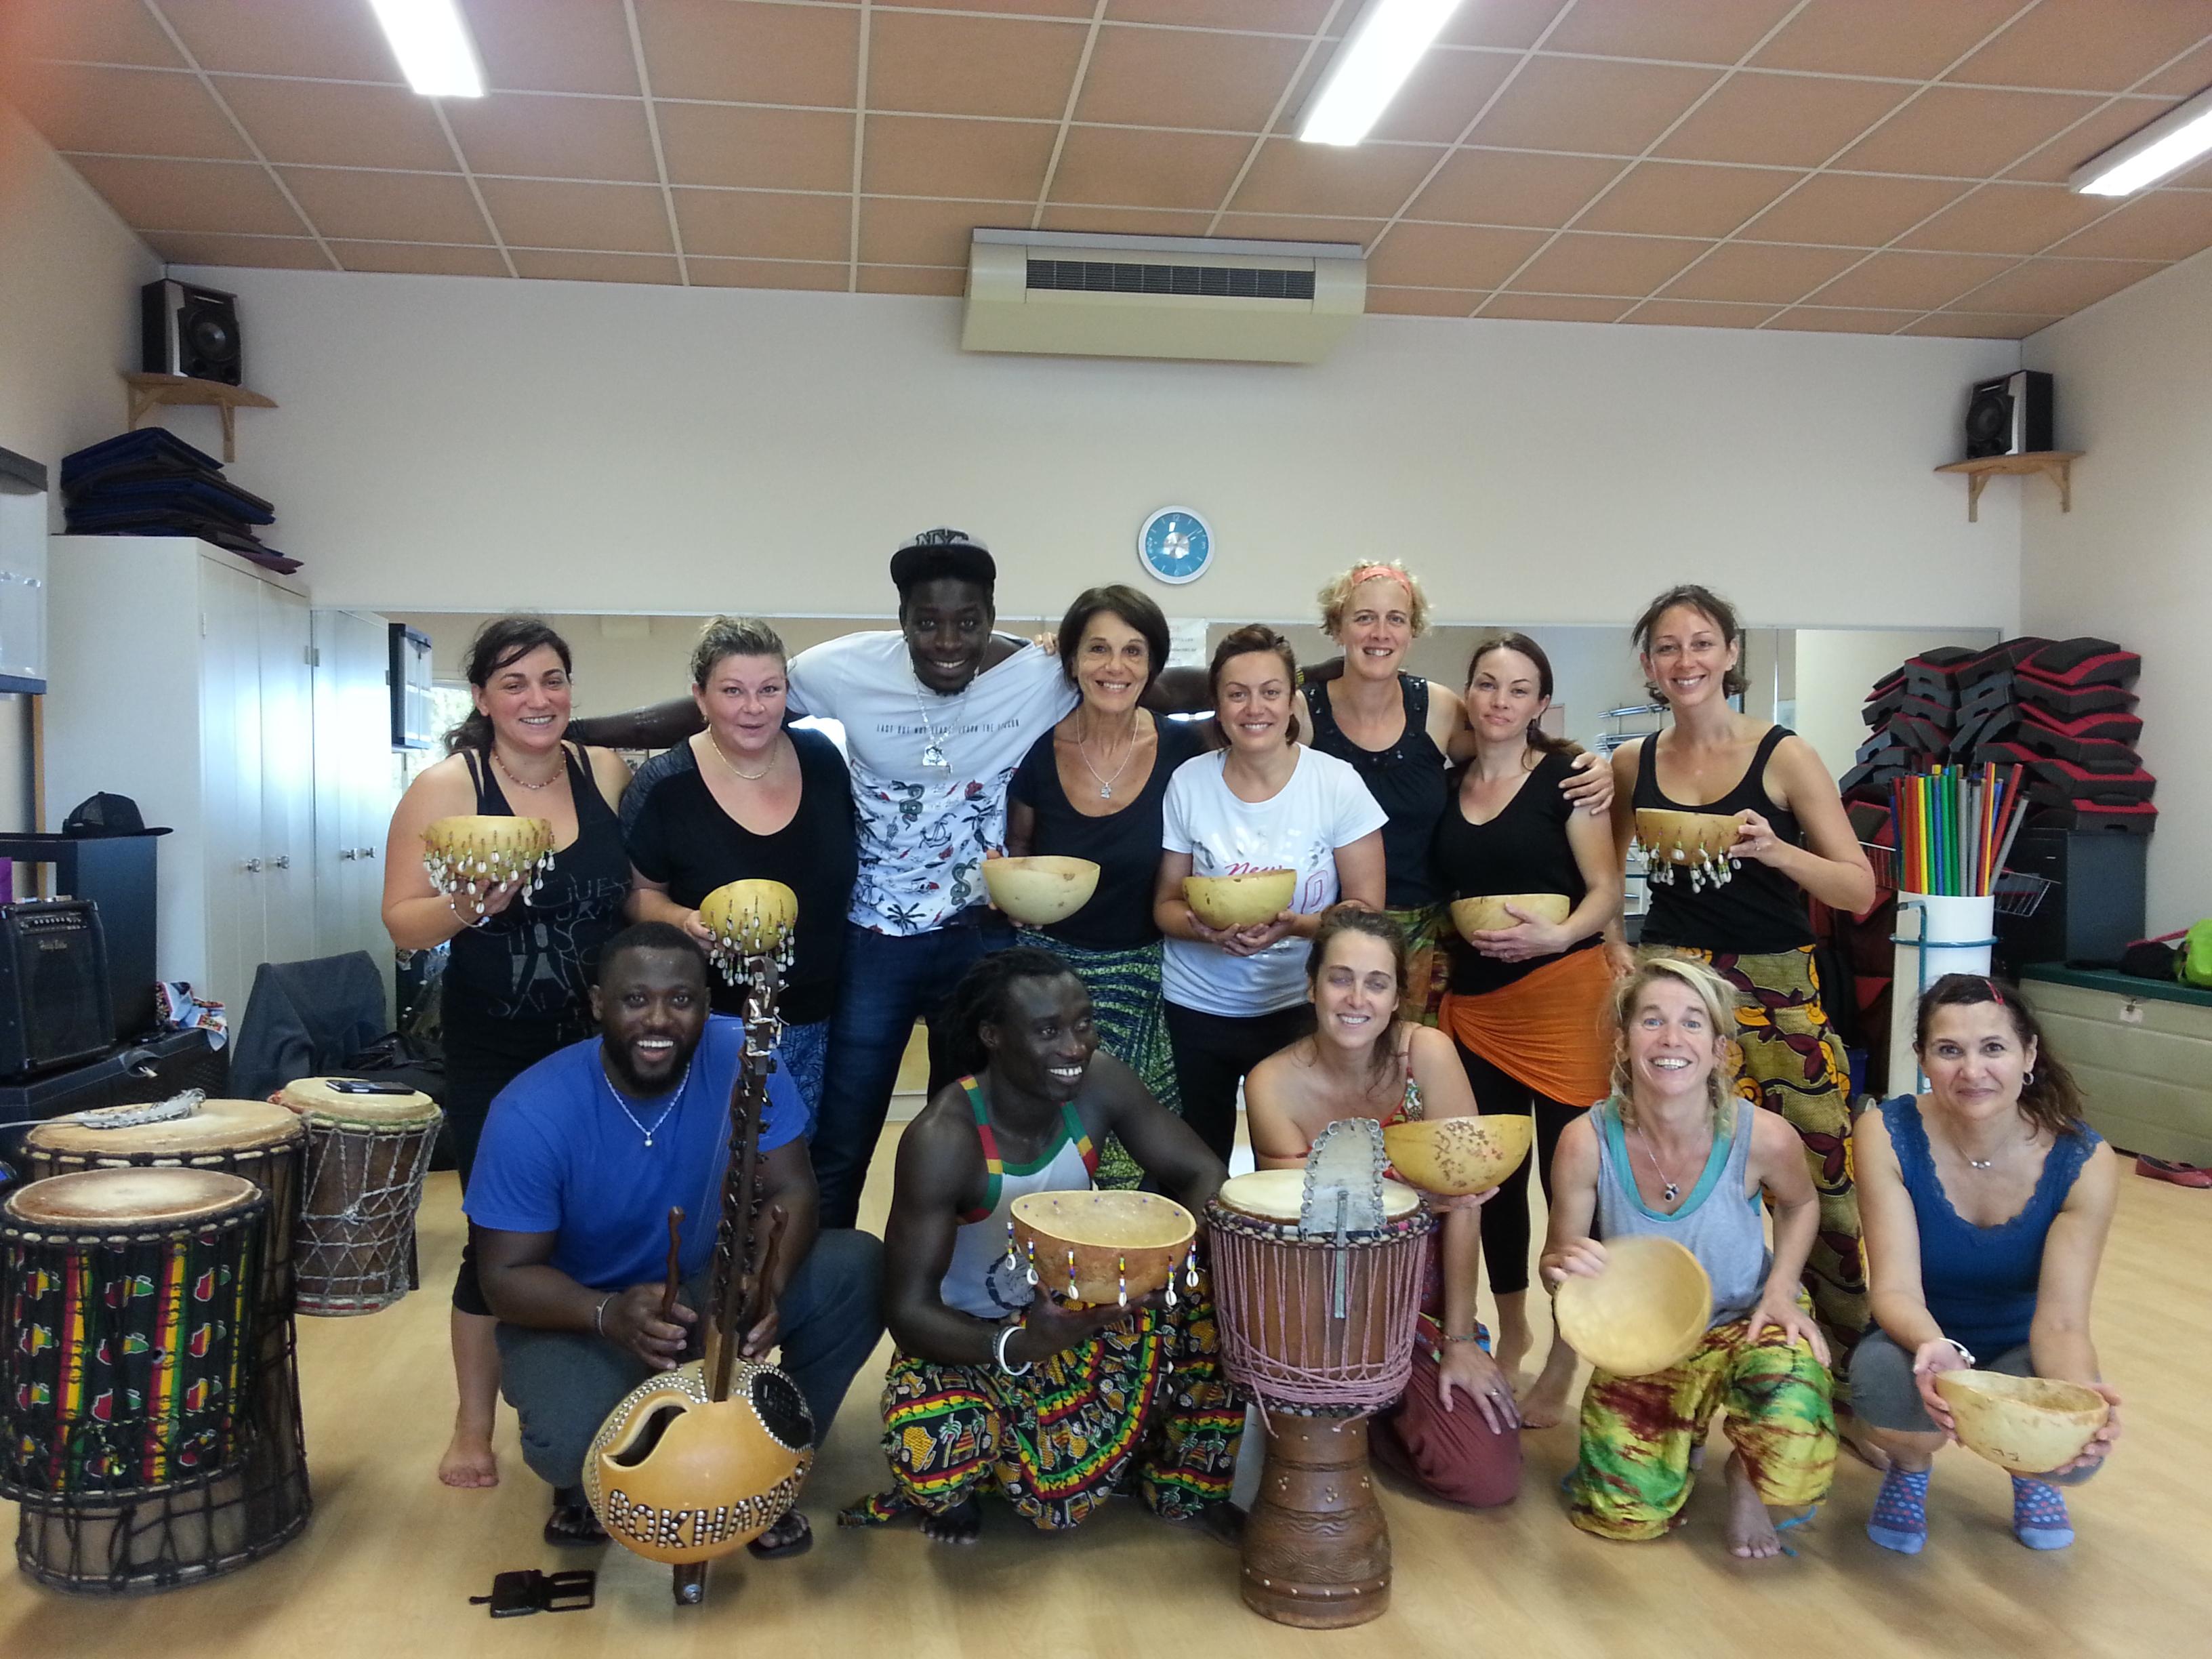 Atelier de Danse de Casamance à Aimargues (30) le samedi 14 octobre 2017